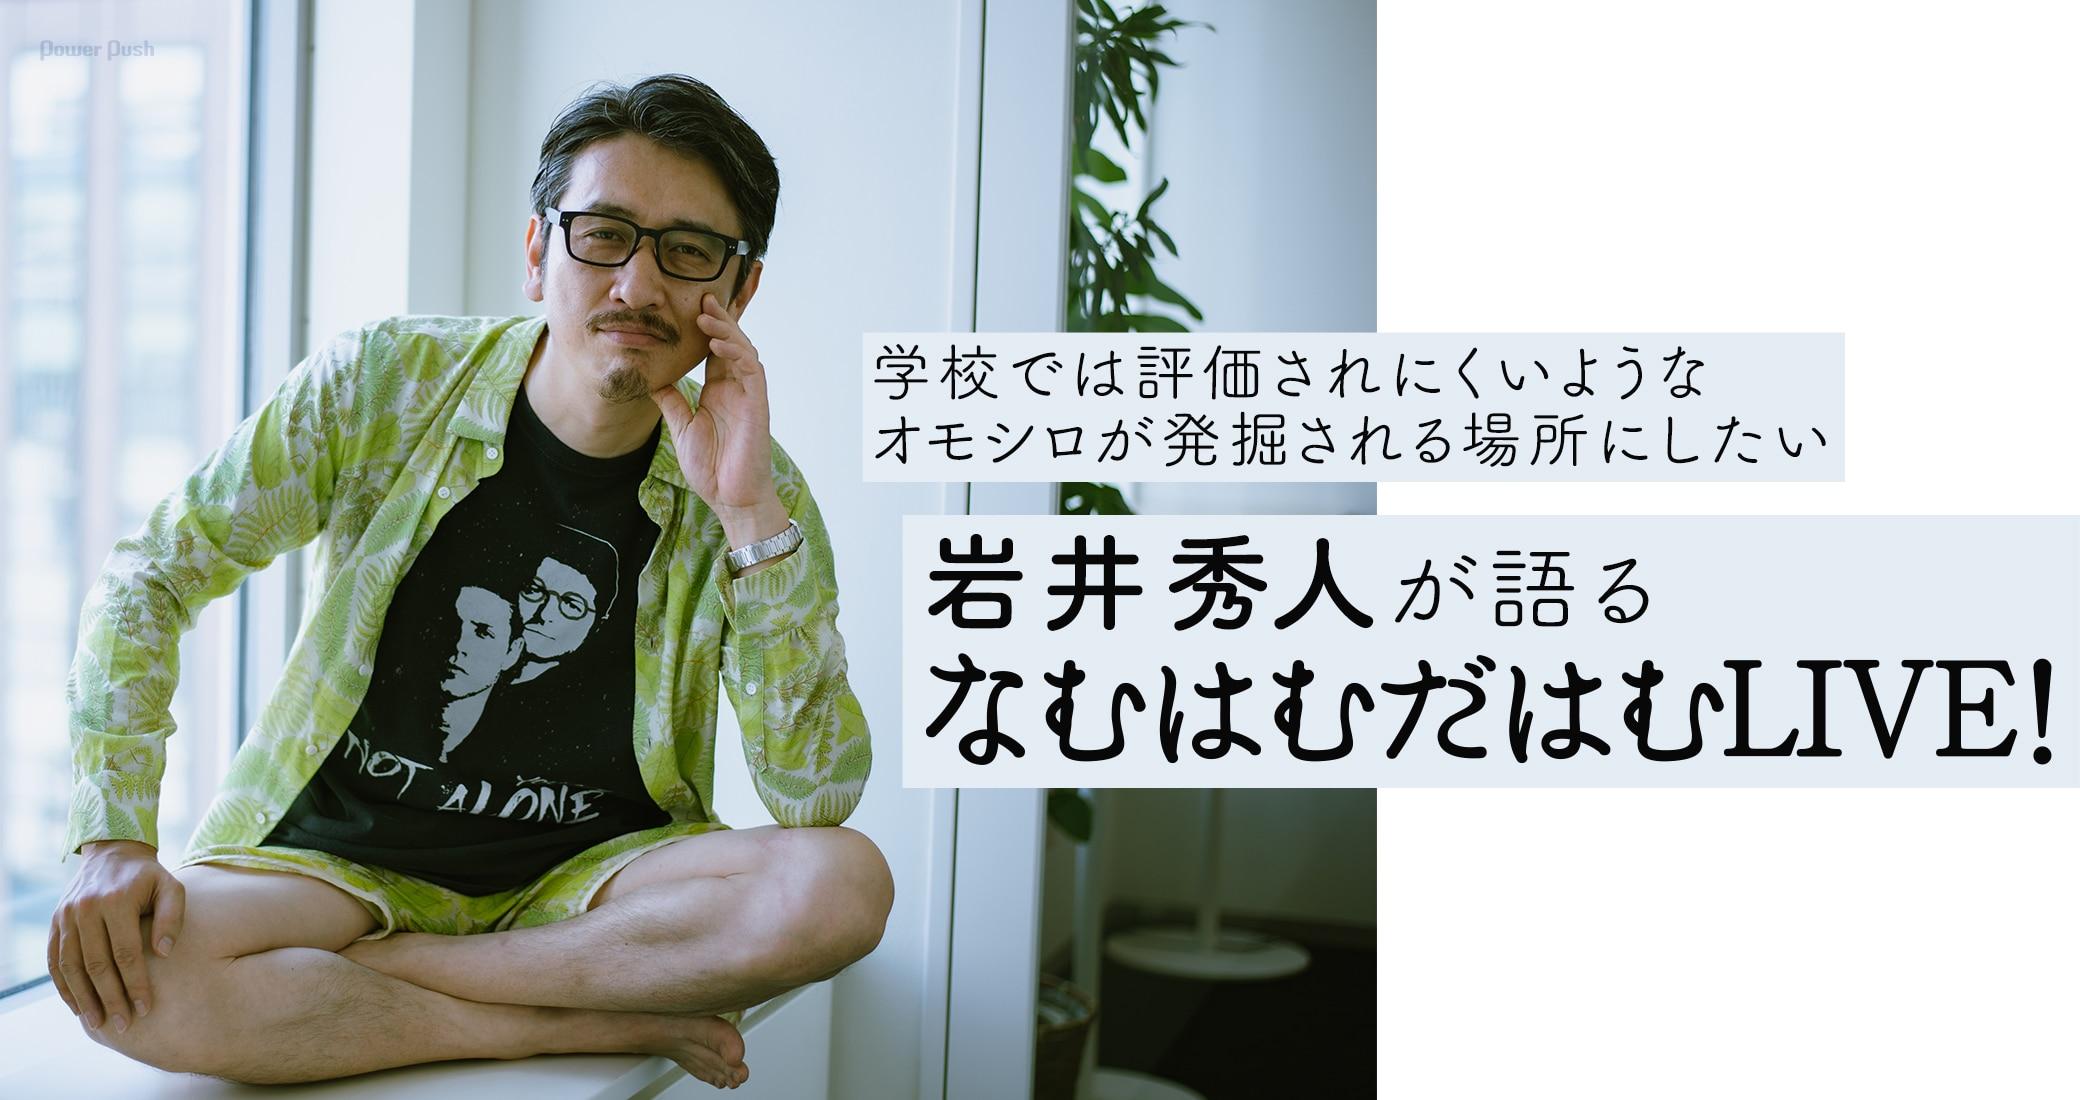 学校では評価されにくいようなオモシロが発掘される場所にしたい 岩井秀人が語る「なむはむだはむLIVE!」